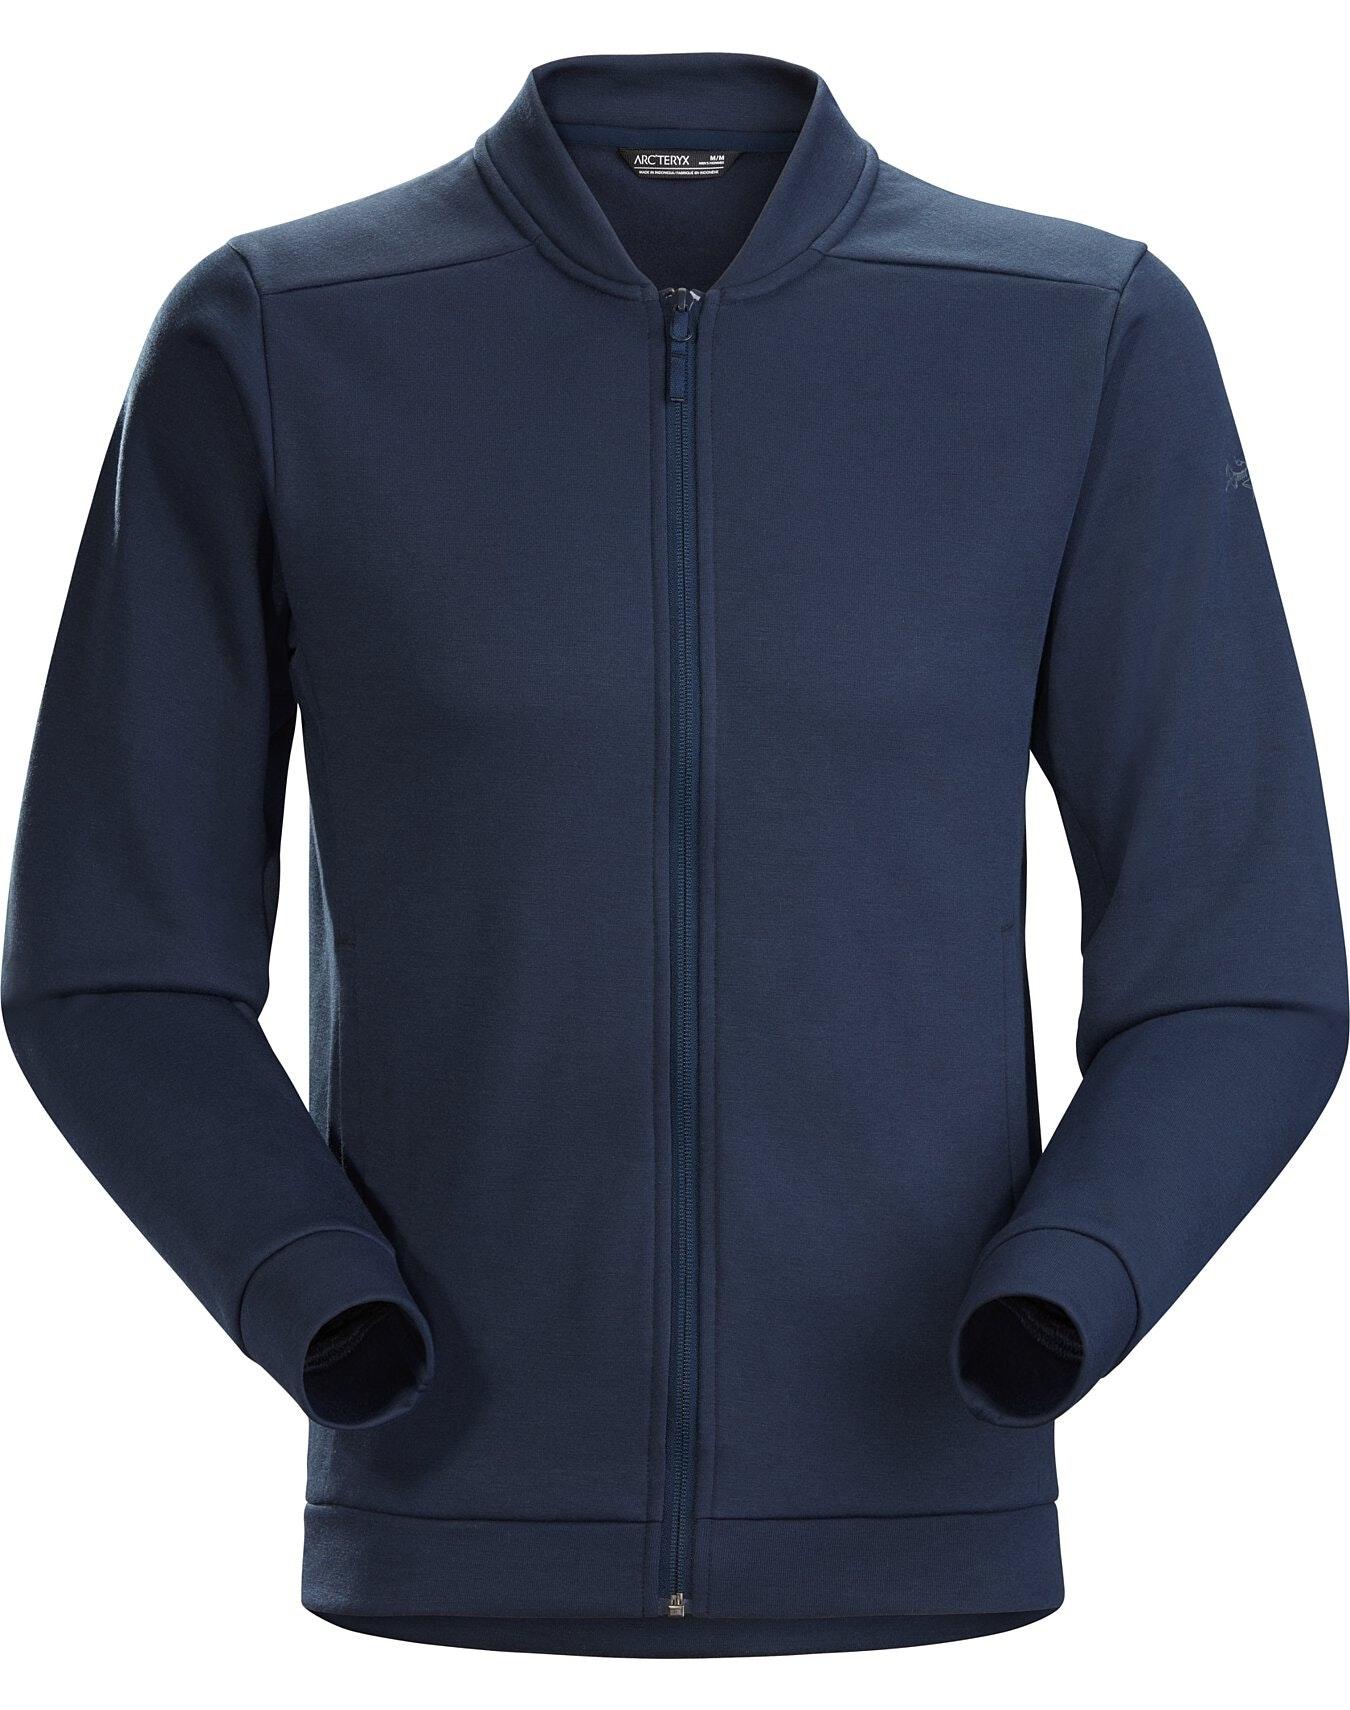 Dallen Fleece Jacket Megacosm